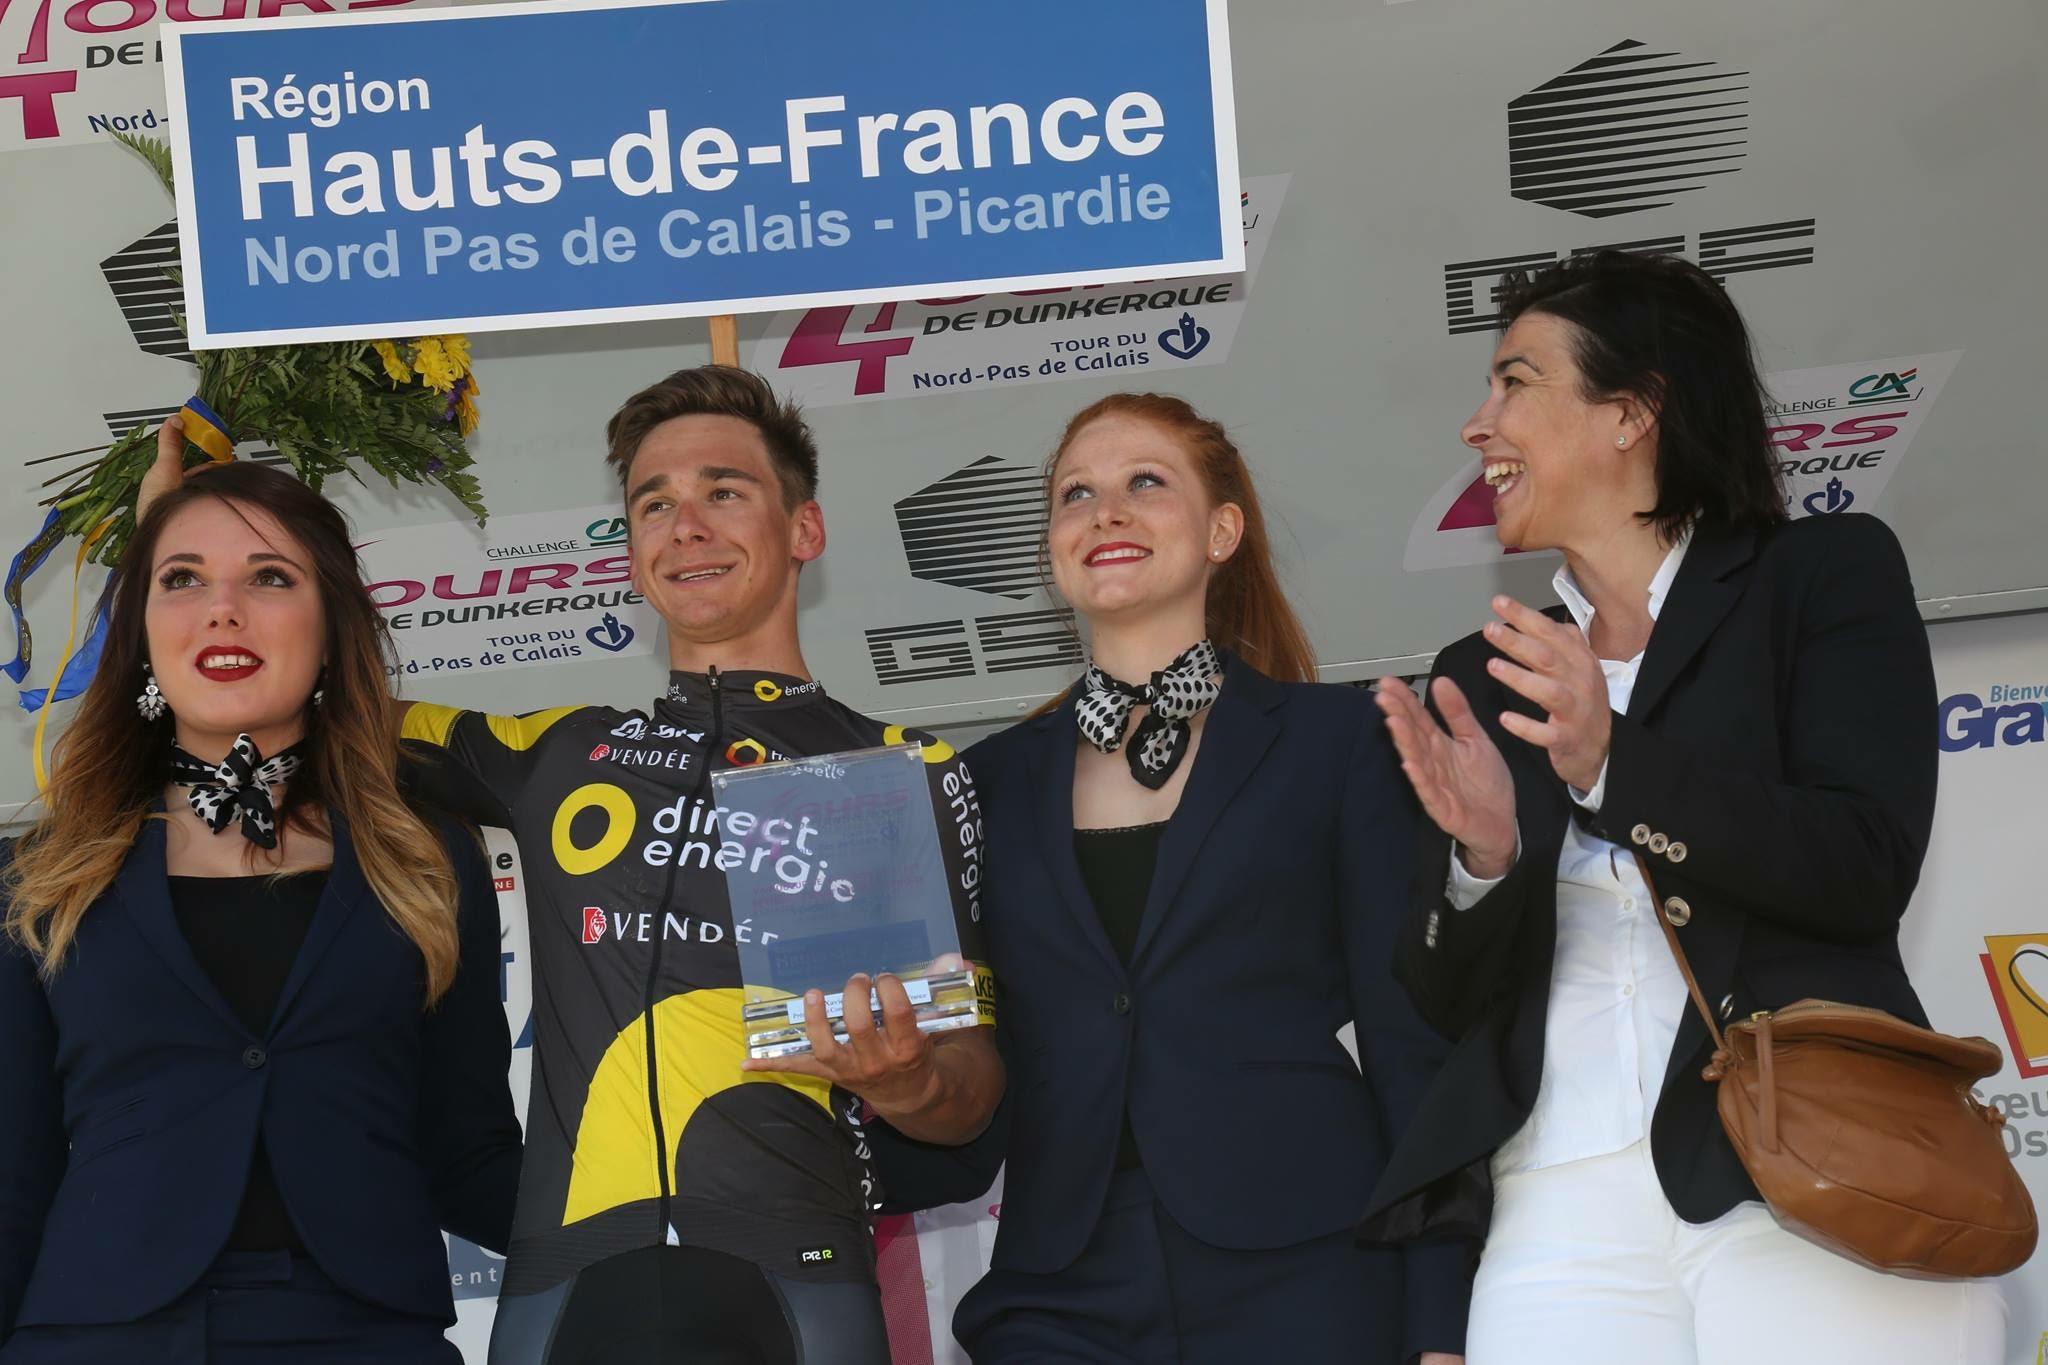 Remise de trophée pour la troisième étape des 4 jours de Dunkerque 3